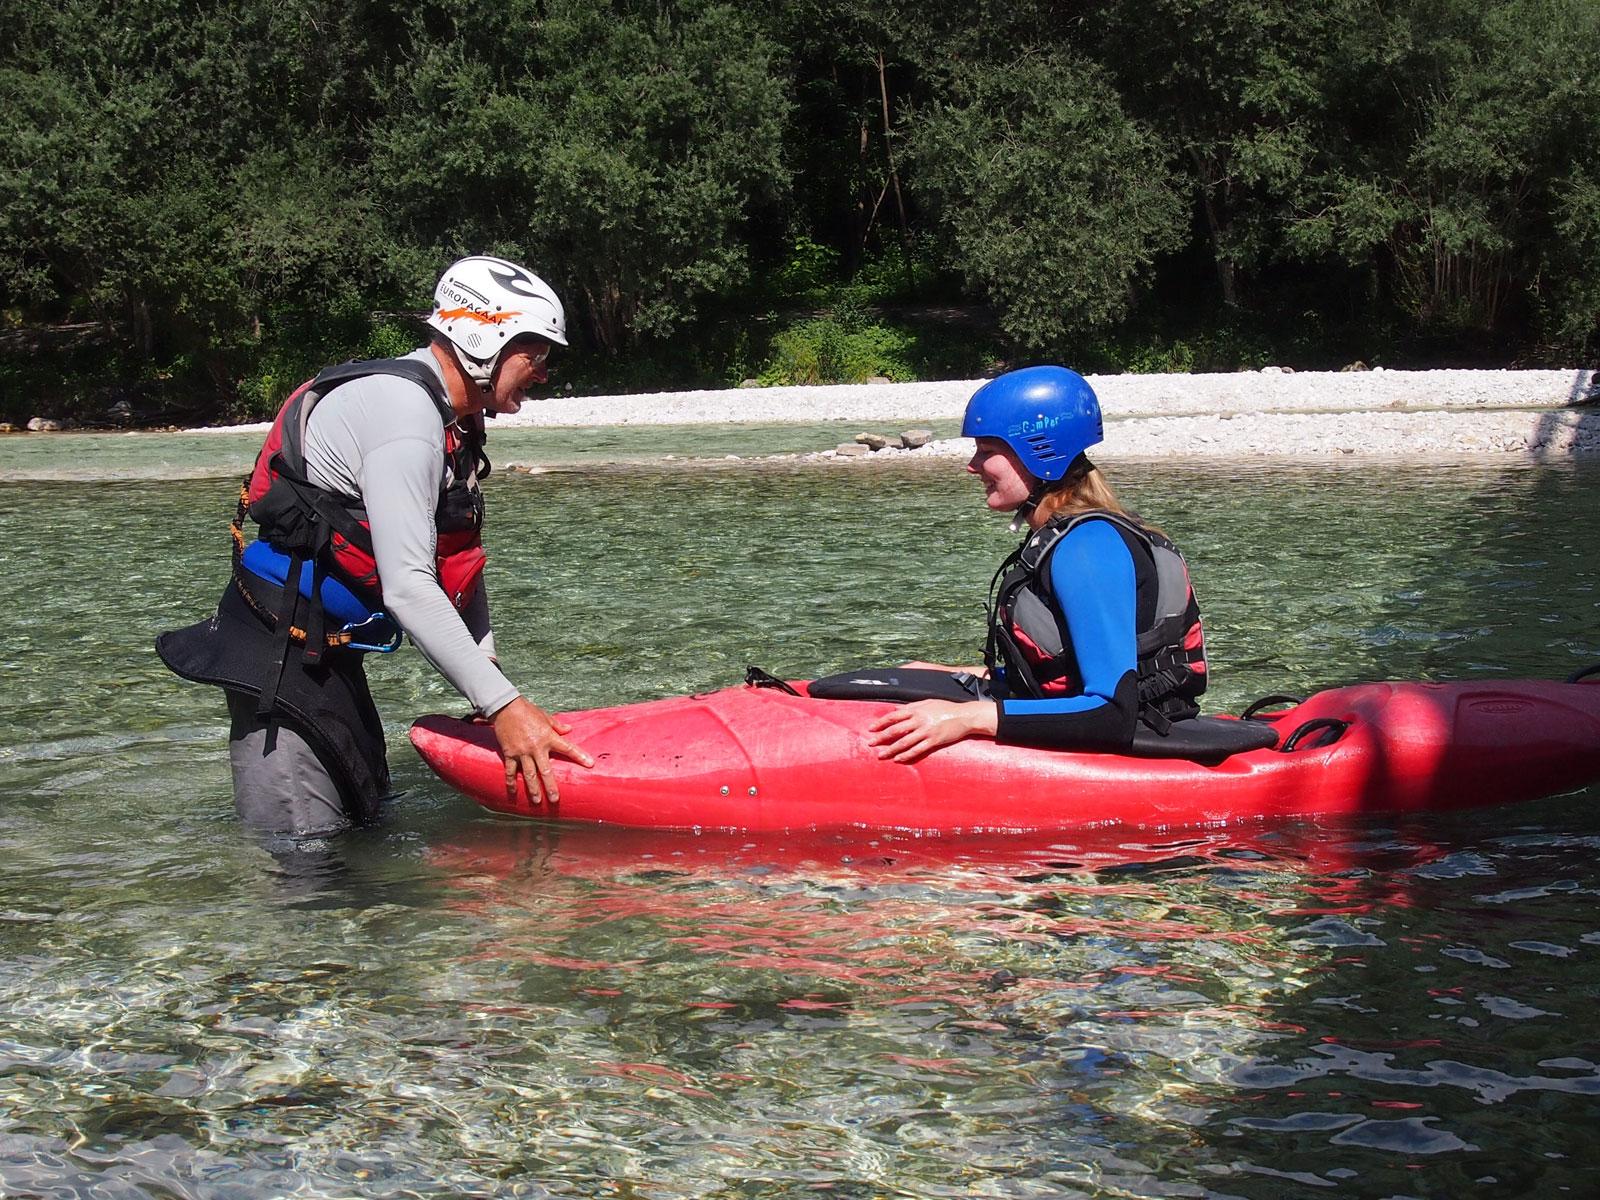 Kajakschool Europagaai geeft les in wildwaterkajakken en kanoën.